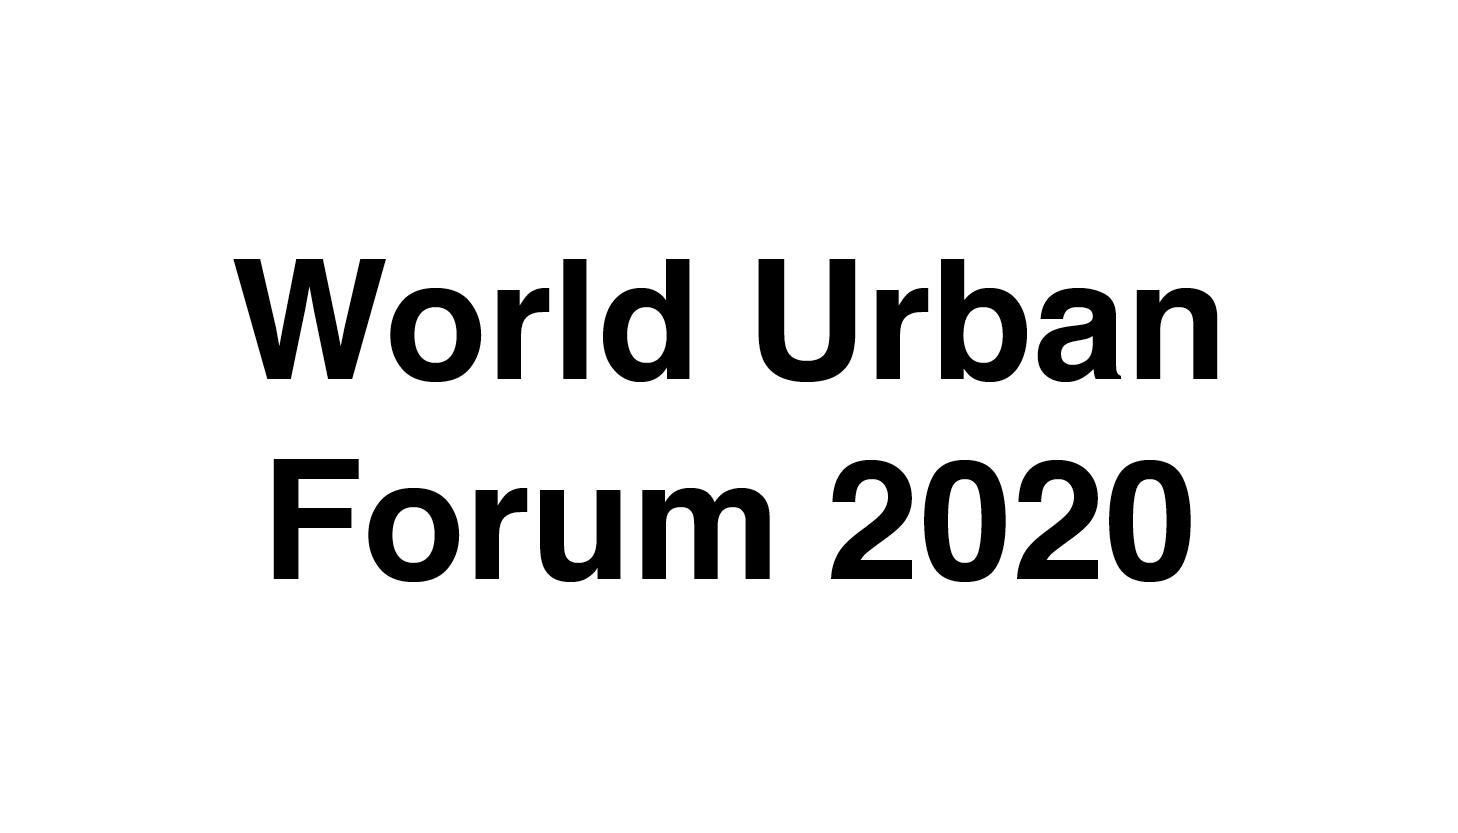 World Urban Forum 2020